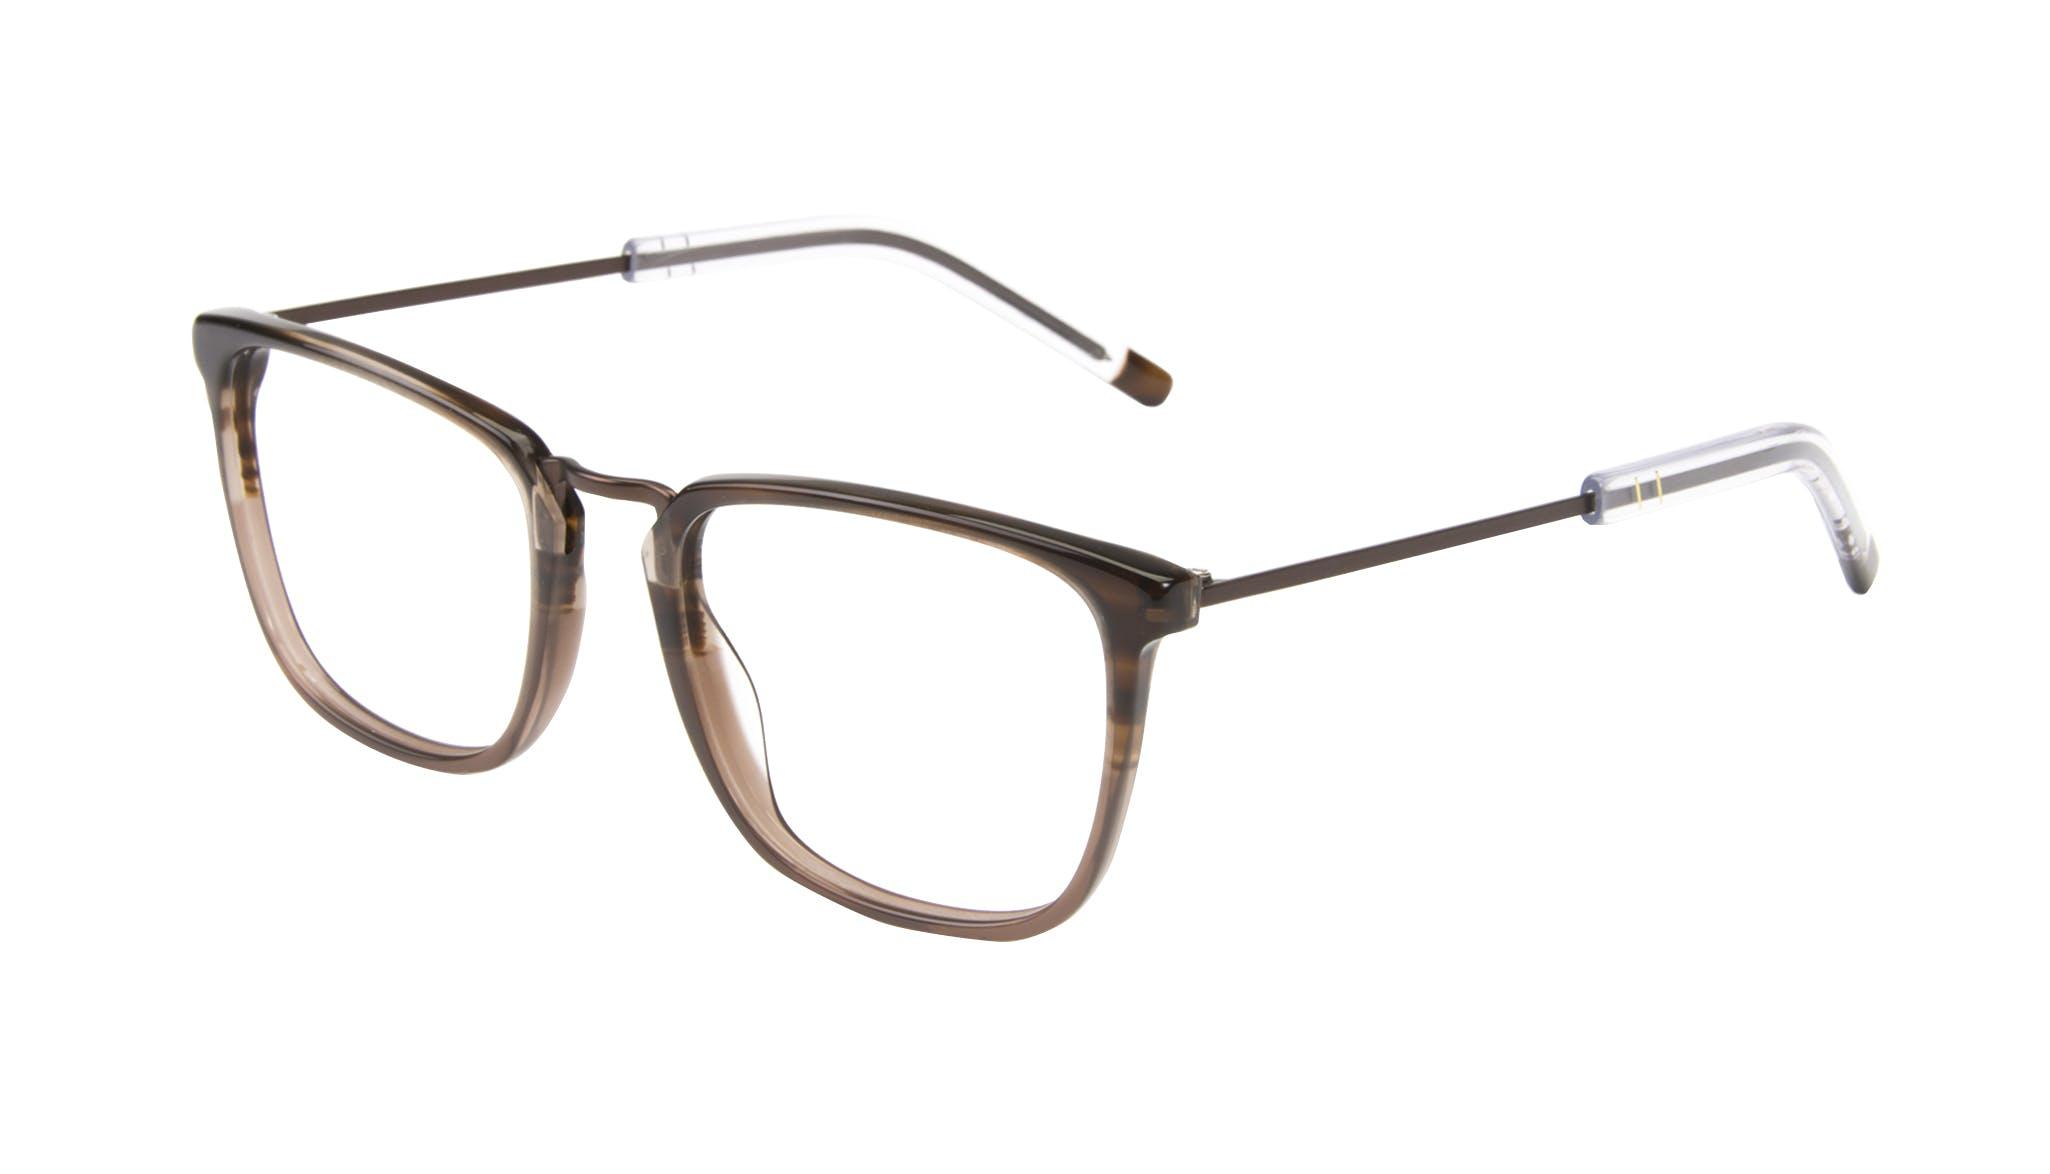 Affordable Fashion Glasses Rectangle Square Eyeglasses Men Current Mud Tilt